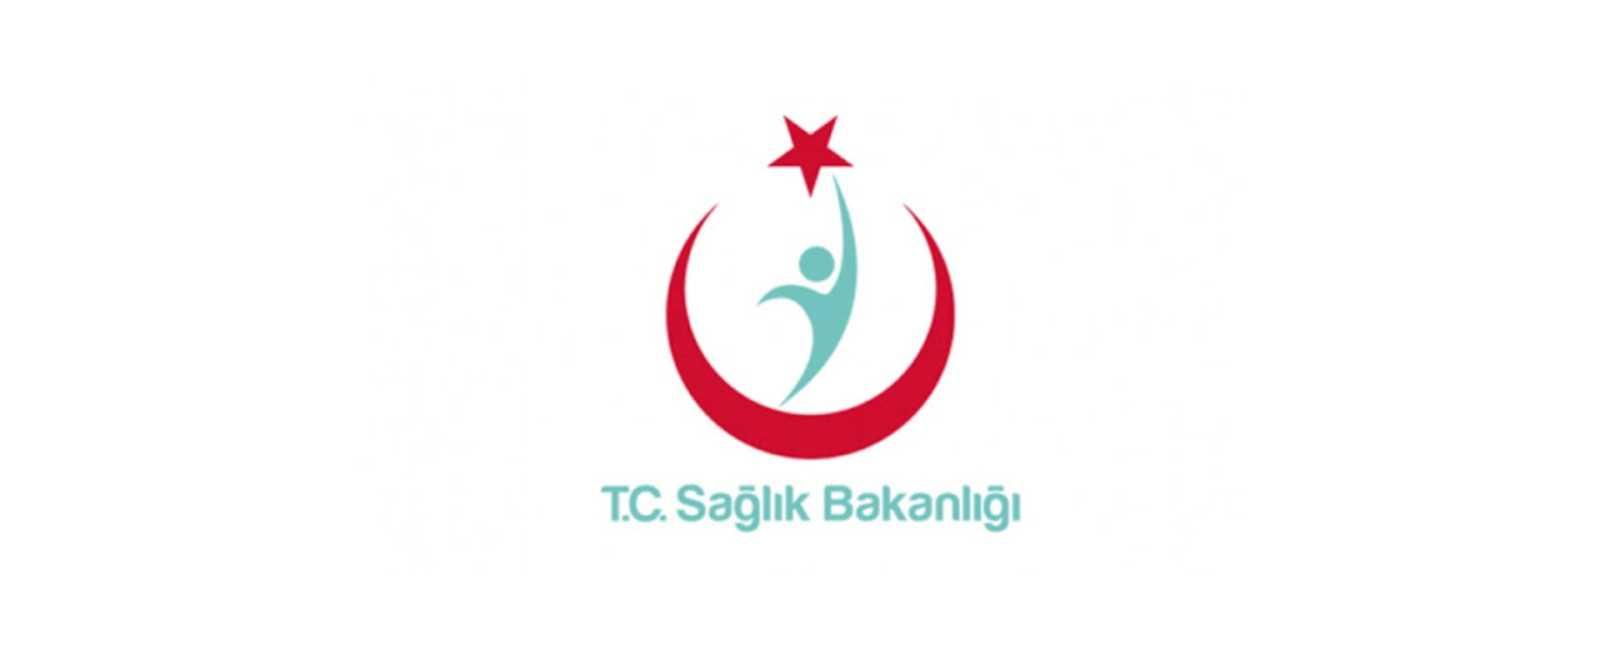 رابط حجز موعد في المستشفى الحكومية في تركيا 14